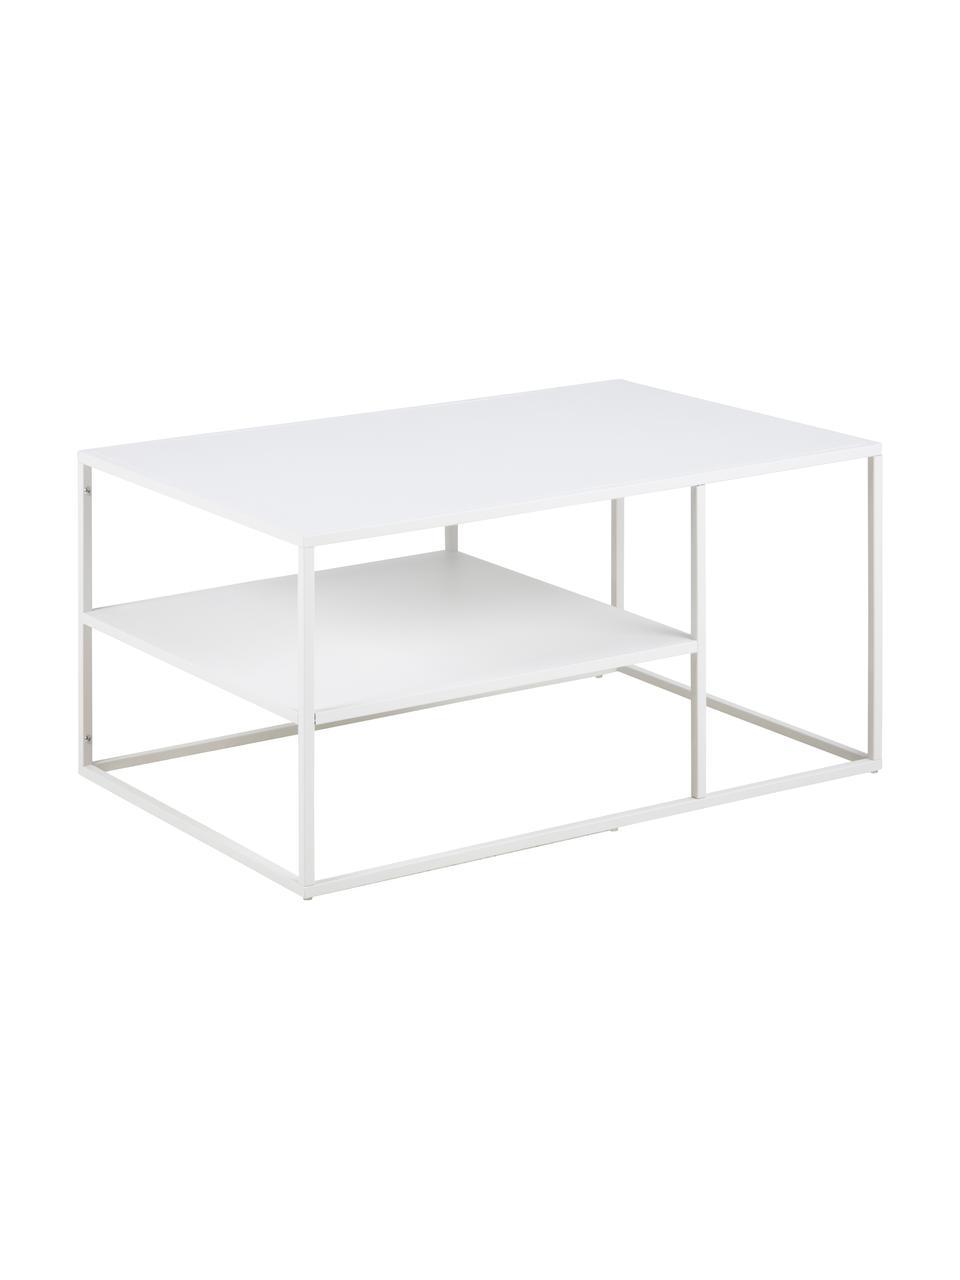 Tavolino da salotto in metallo bianco Neptun, Metallo verniciato a polvere, Bianco, Larg. 90 x Alt. 45 cm